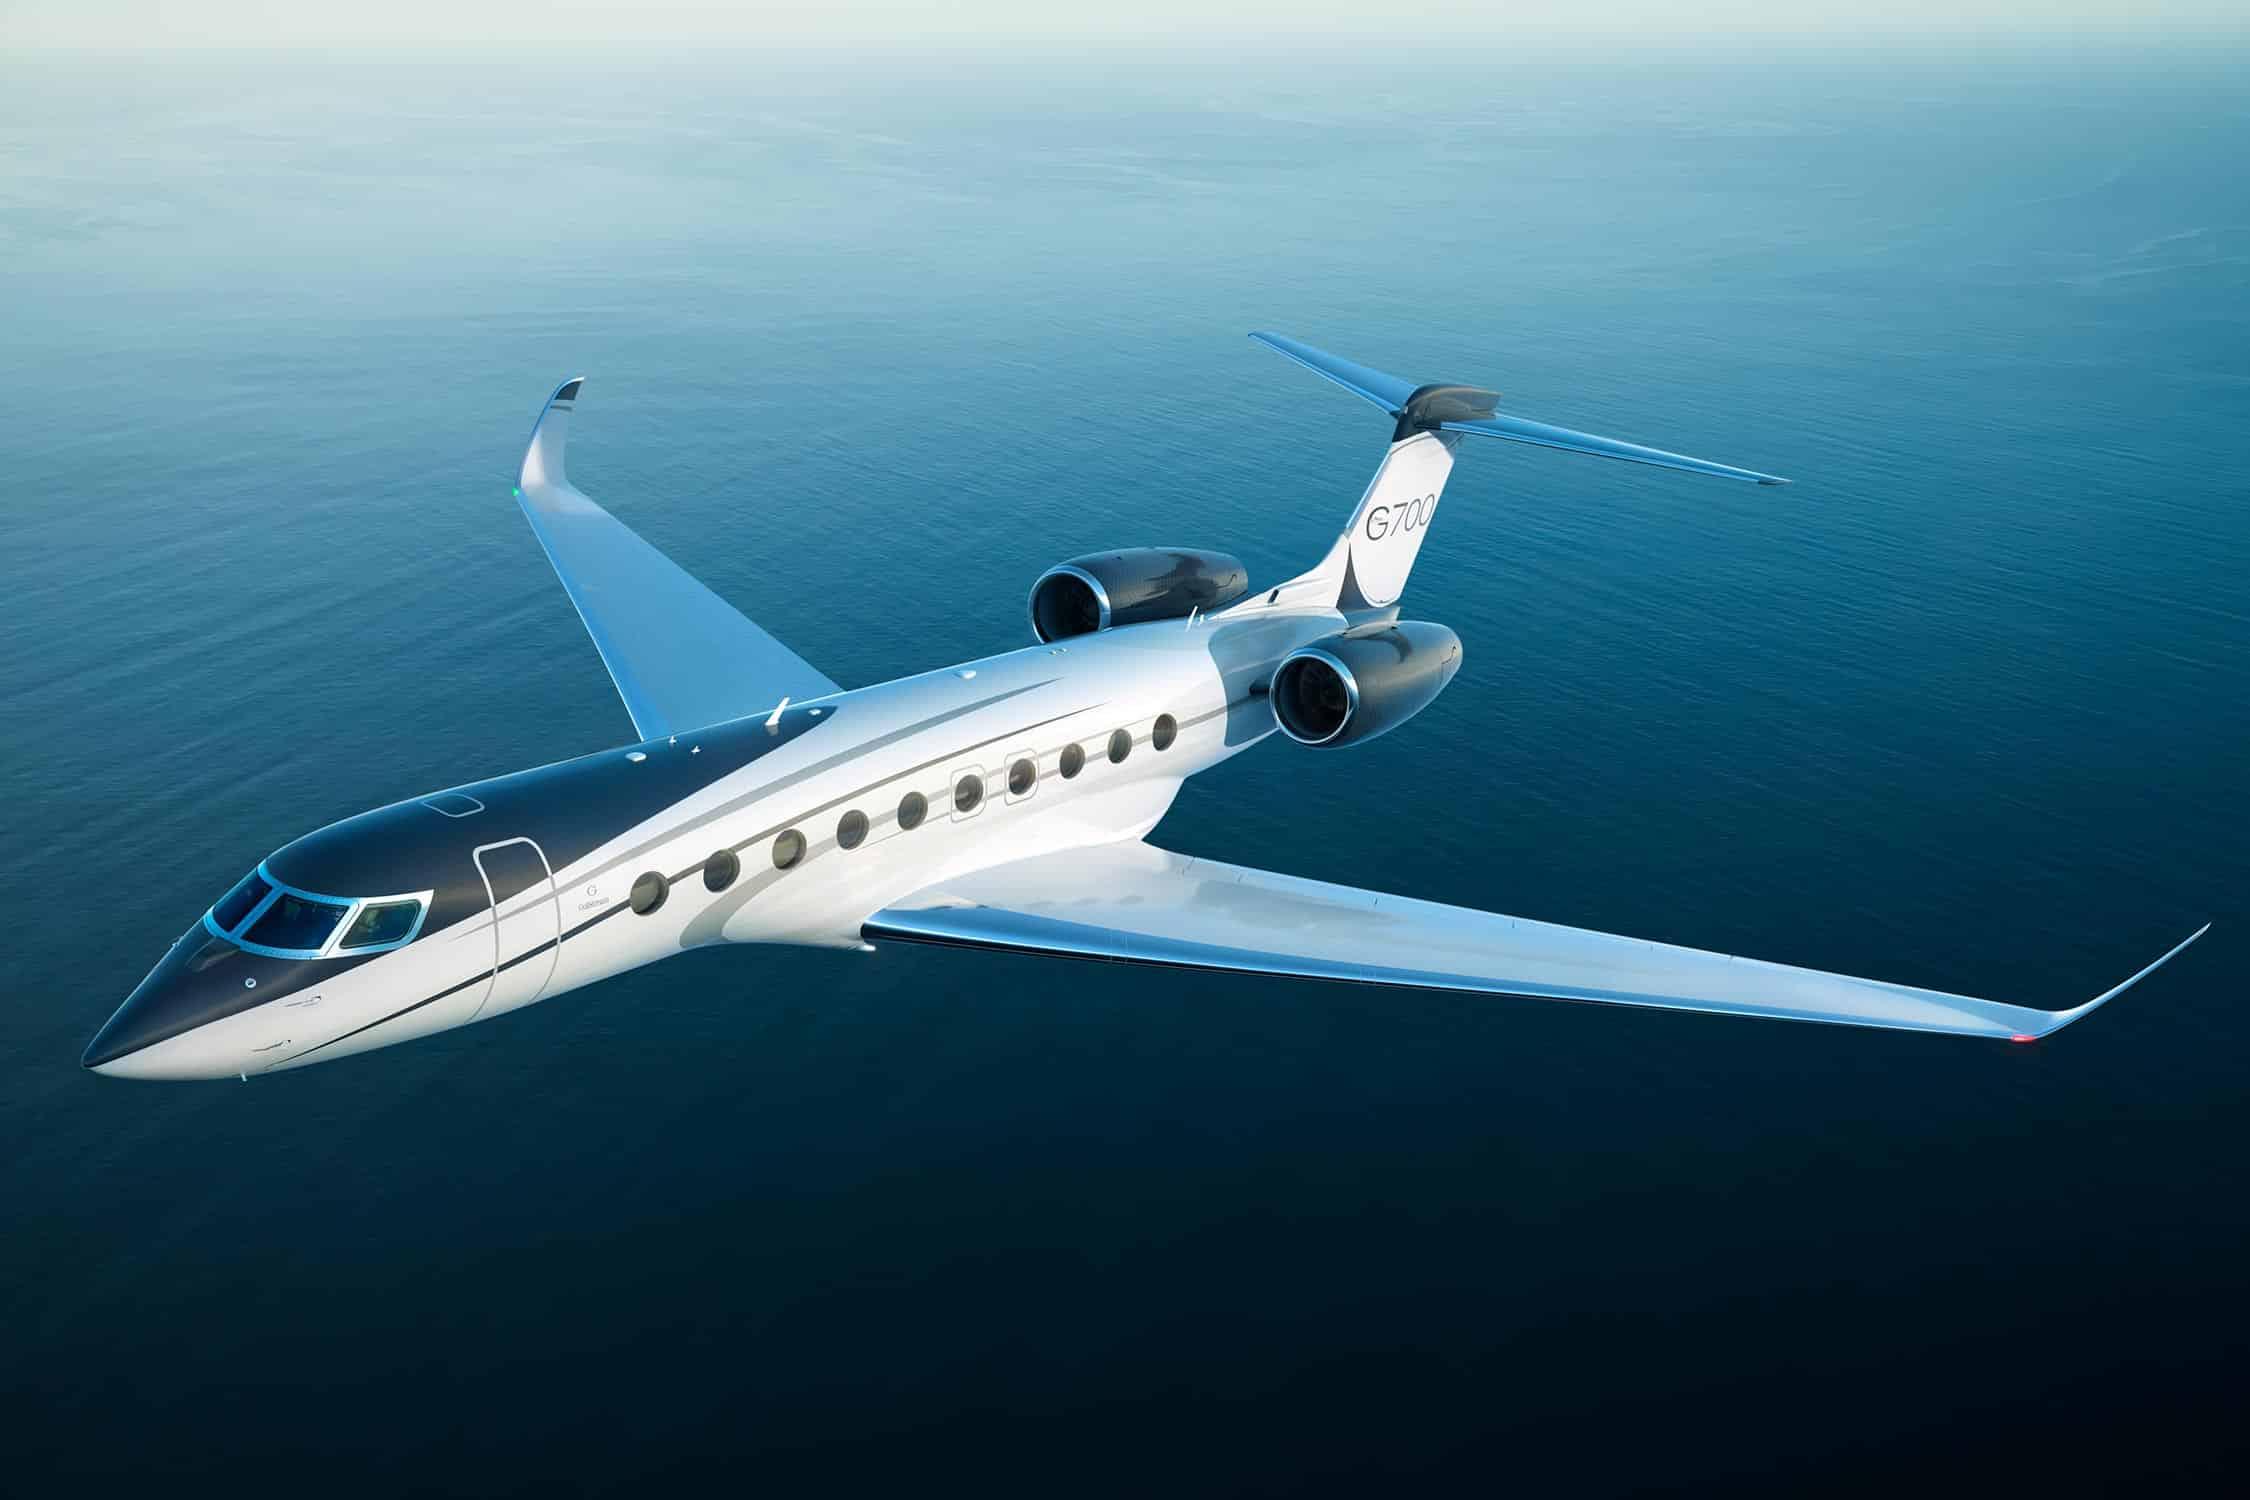 Gulfstream G700 Flying